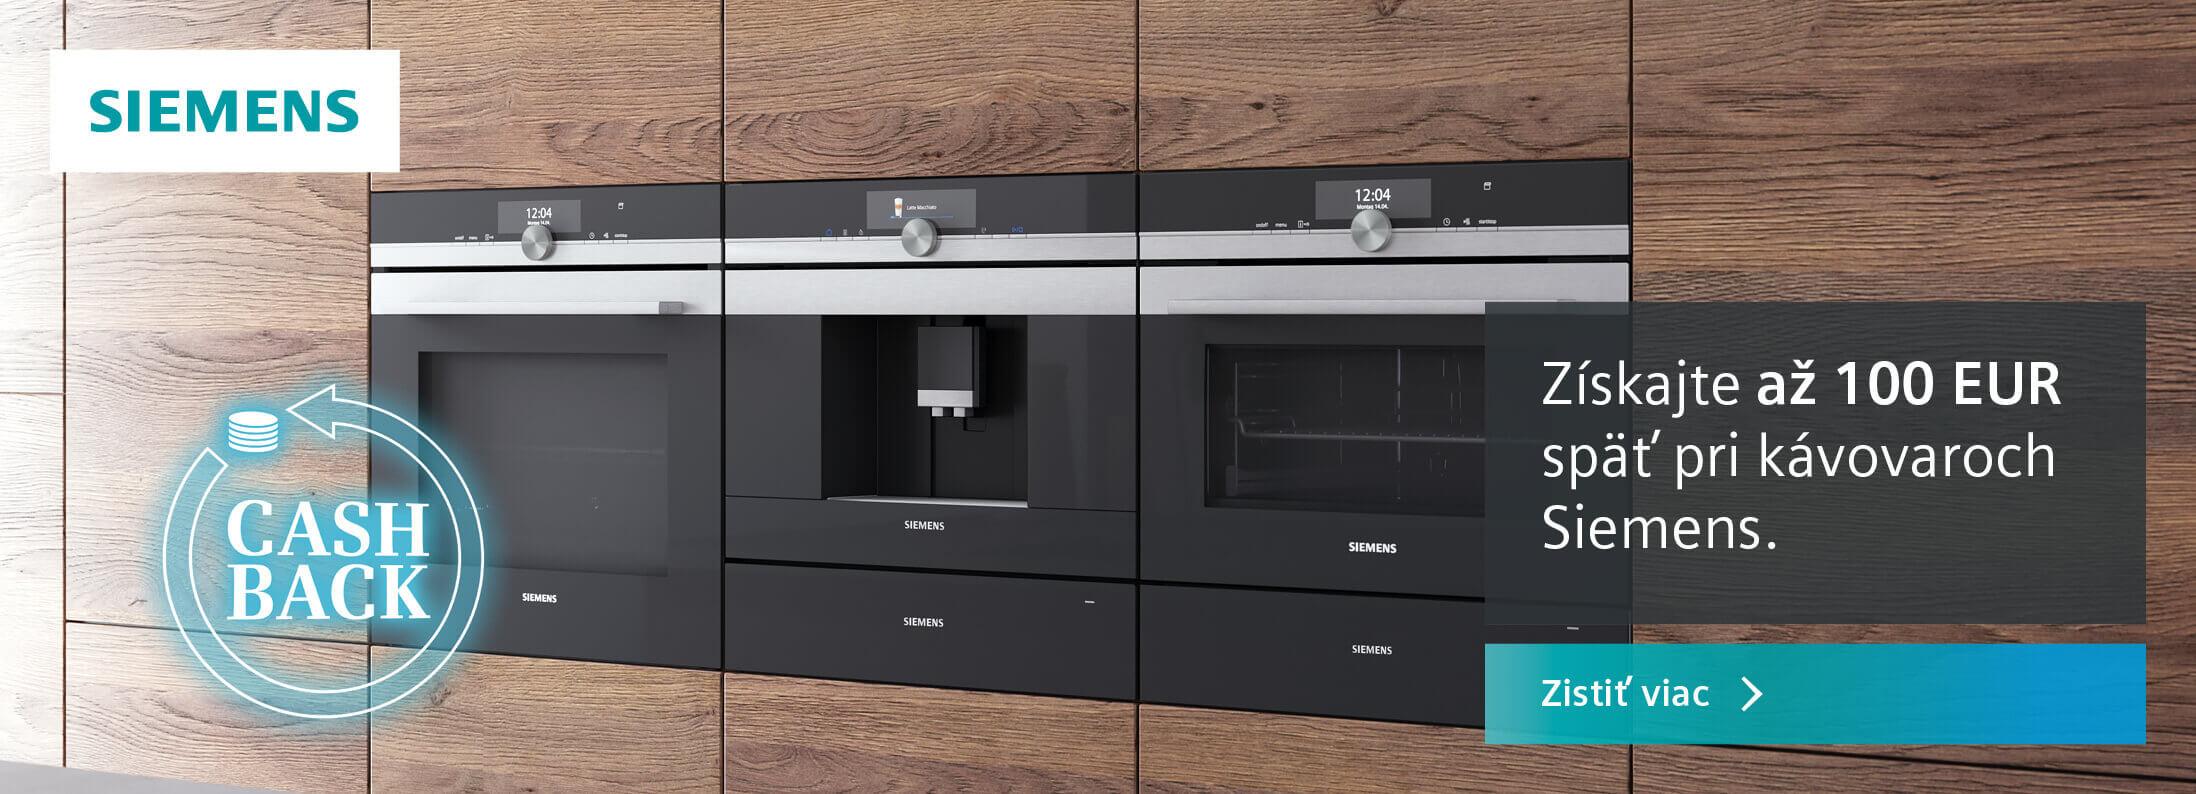 Siemens - Cashback vstavané kávovary